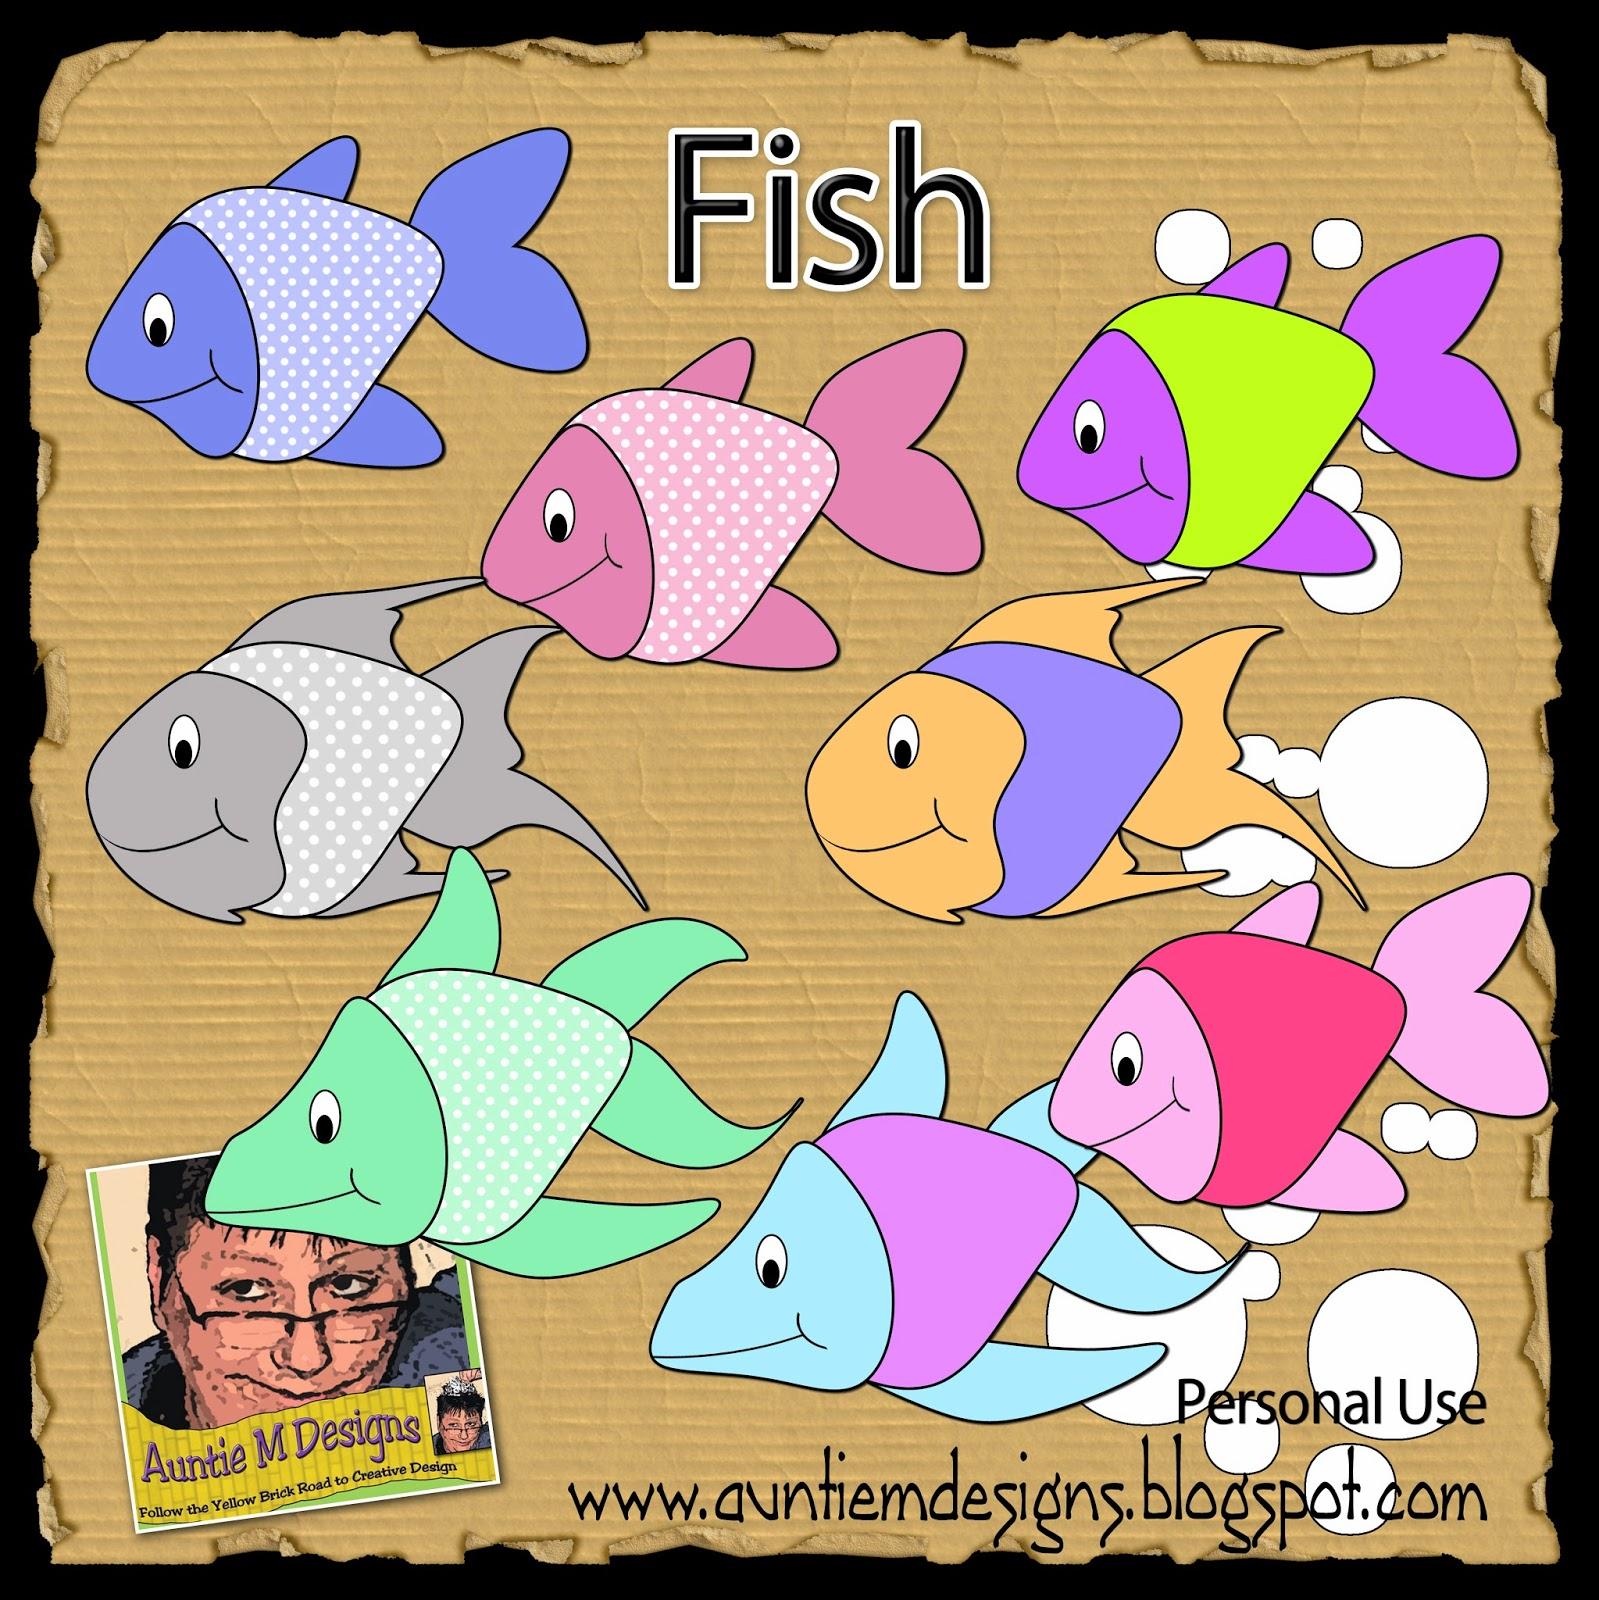 http://2.bp.blogspot.com/-Etn8WHqbKjk/U_ew6y2uJ-I/AAAAAAAAHAQ/m8vVS_Xc3e4/s1600/folder.jpg